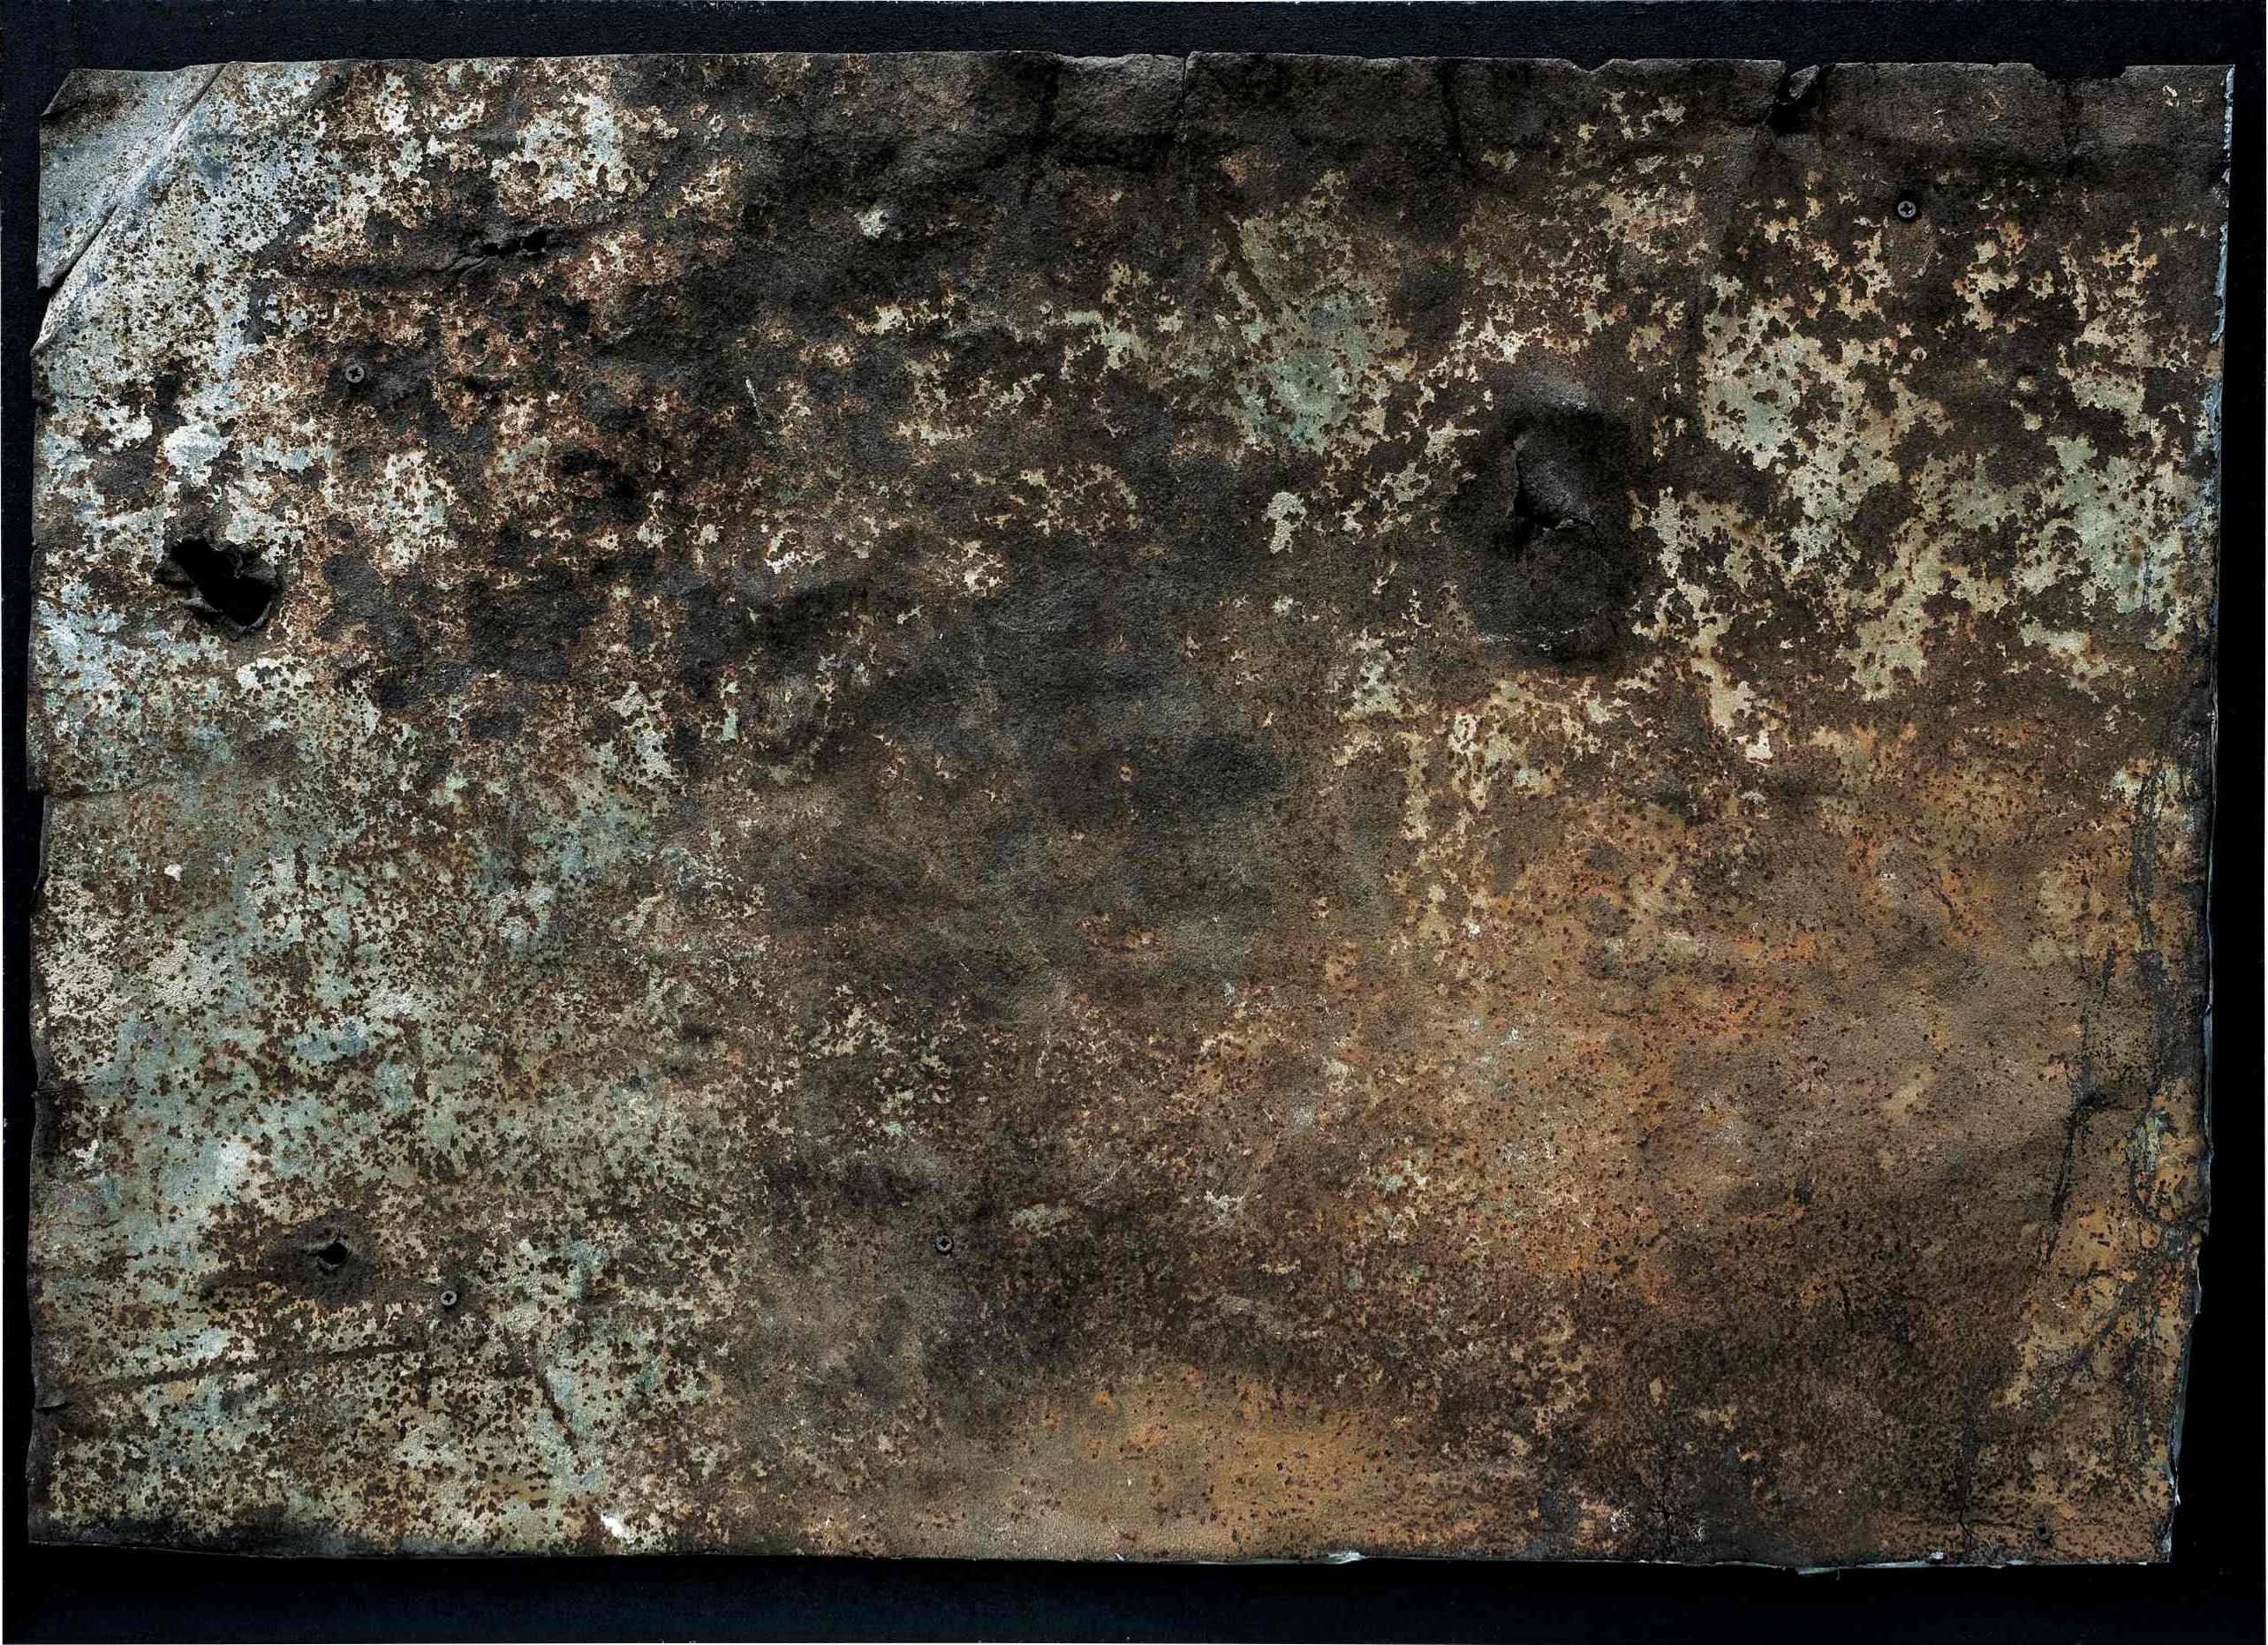 L'anima della materia, combustione su ferro e tavola con copertura in plexiglas, 68x49, 2007